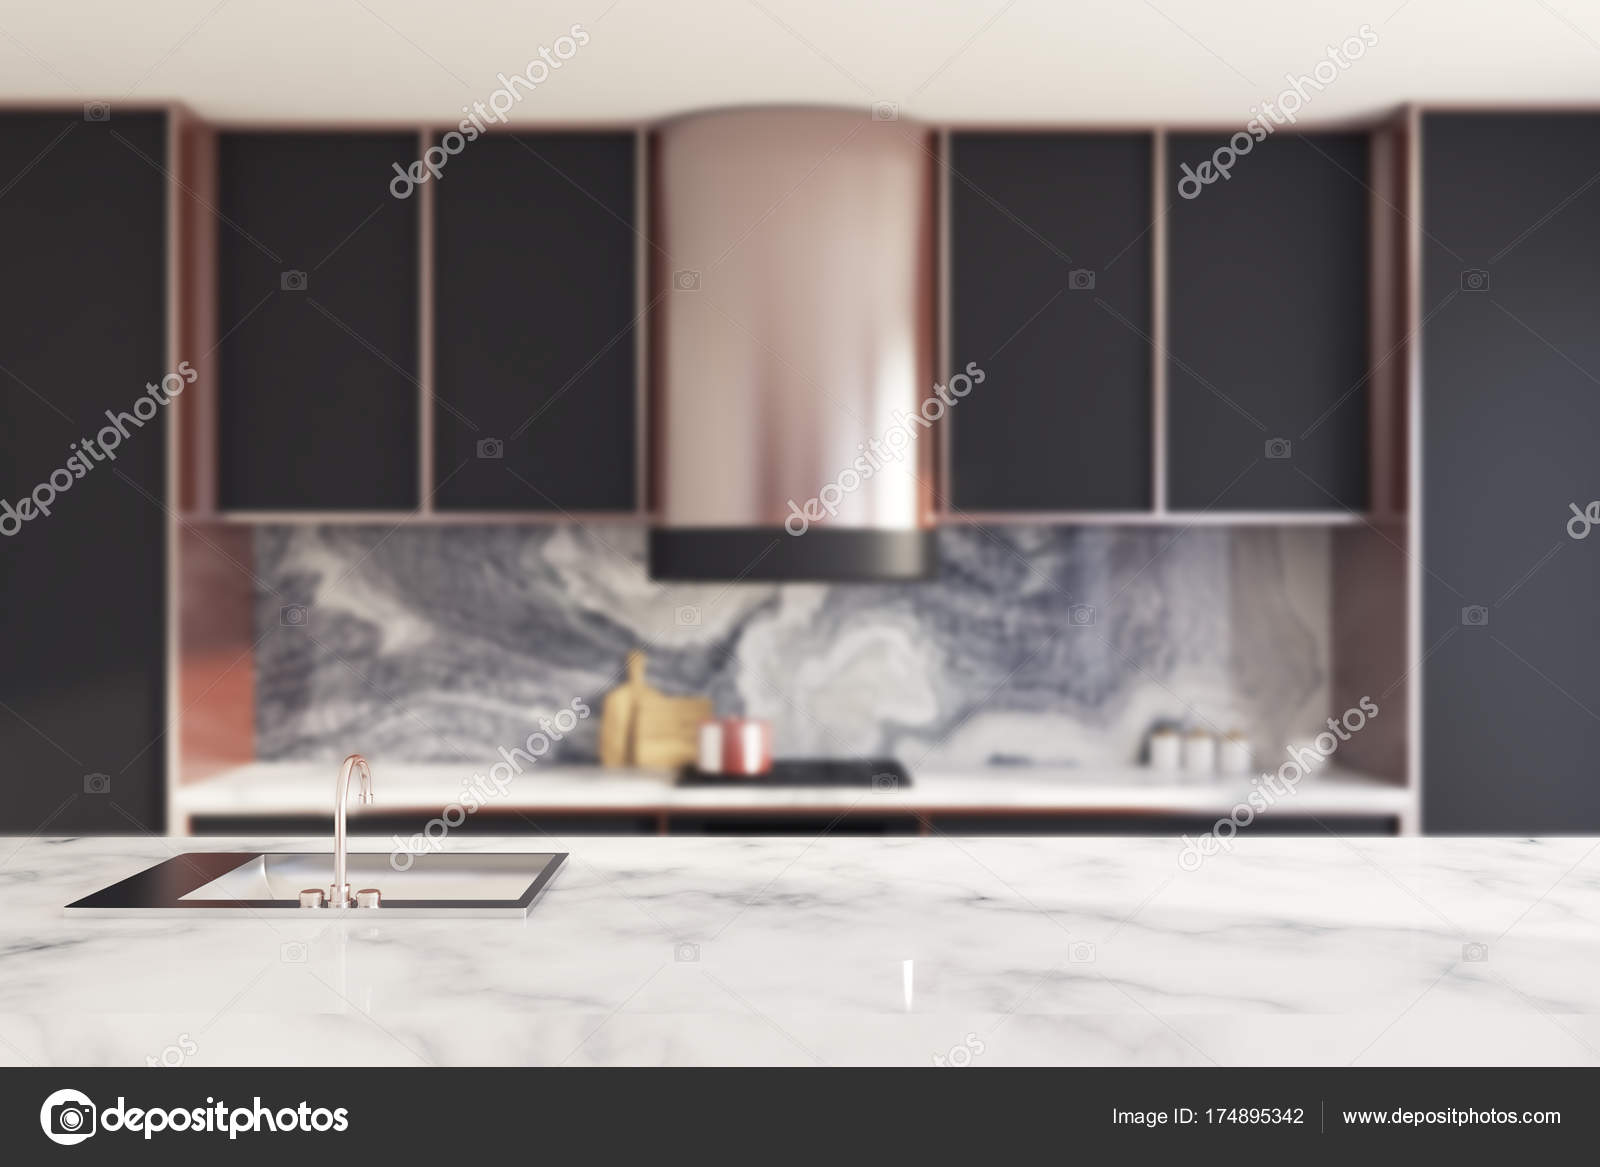 Schwarz Und Marmor Kuchenarbeitsplatte Verwischen Stockfoto